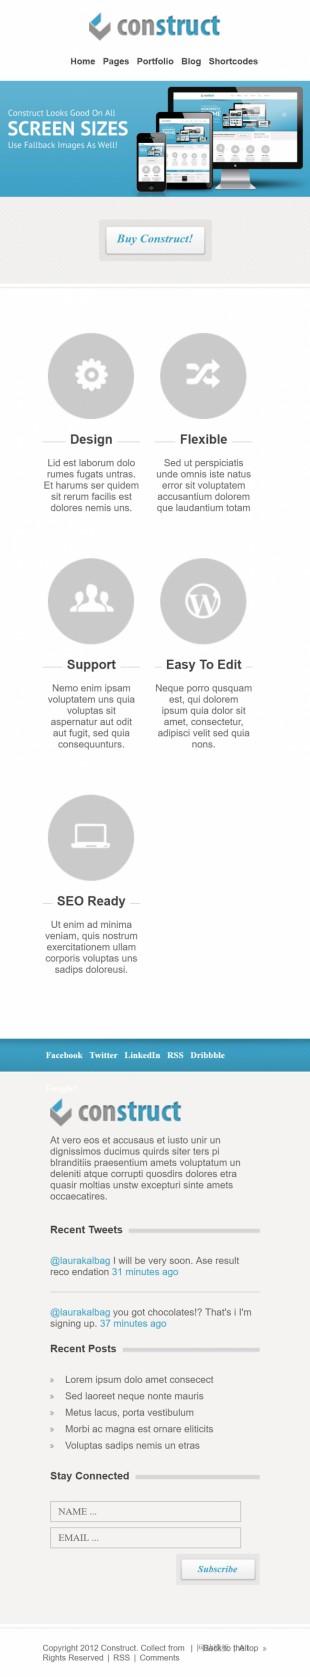 超赞CSS3动画效果企业商务风格英文网站建设模板手机图片